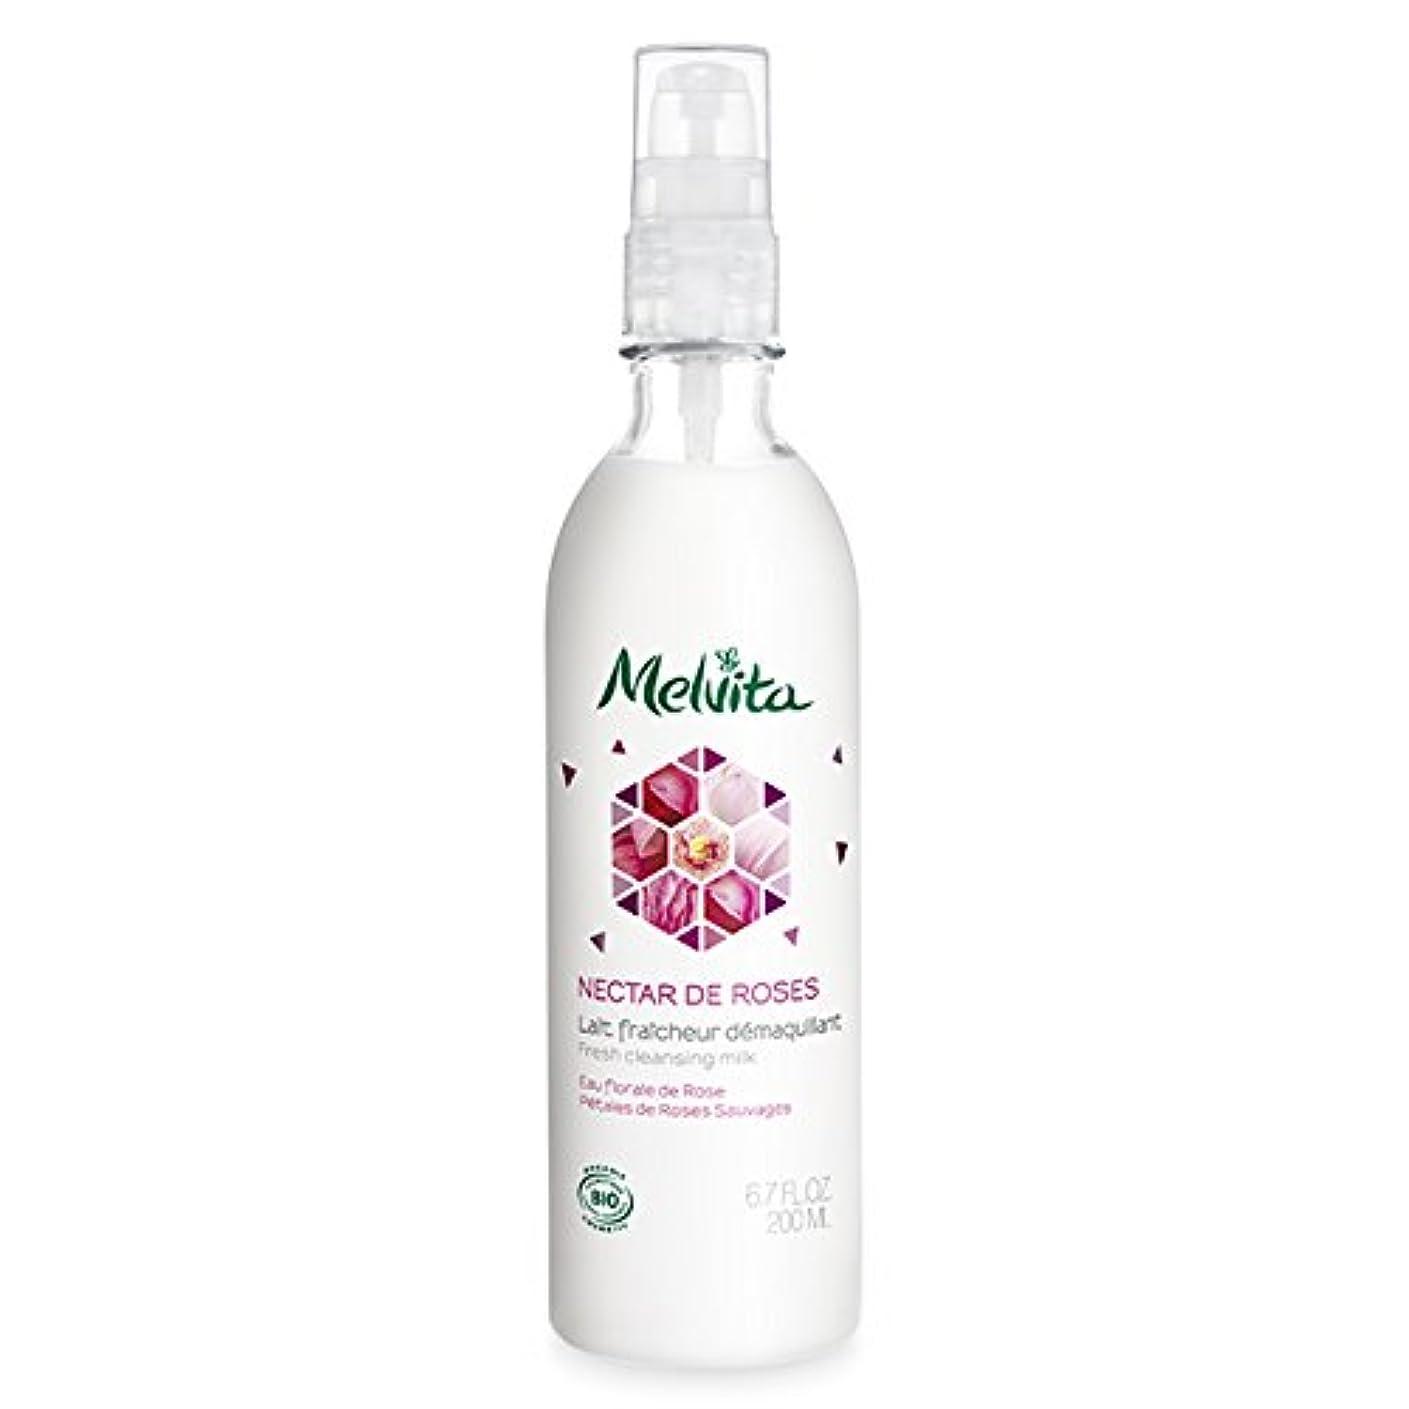 聖なるメリー忌み嫌うメルヴィータ ネクターデローズ クレンジングミルク 200mL